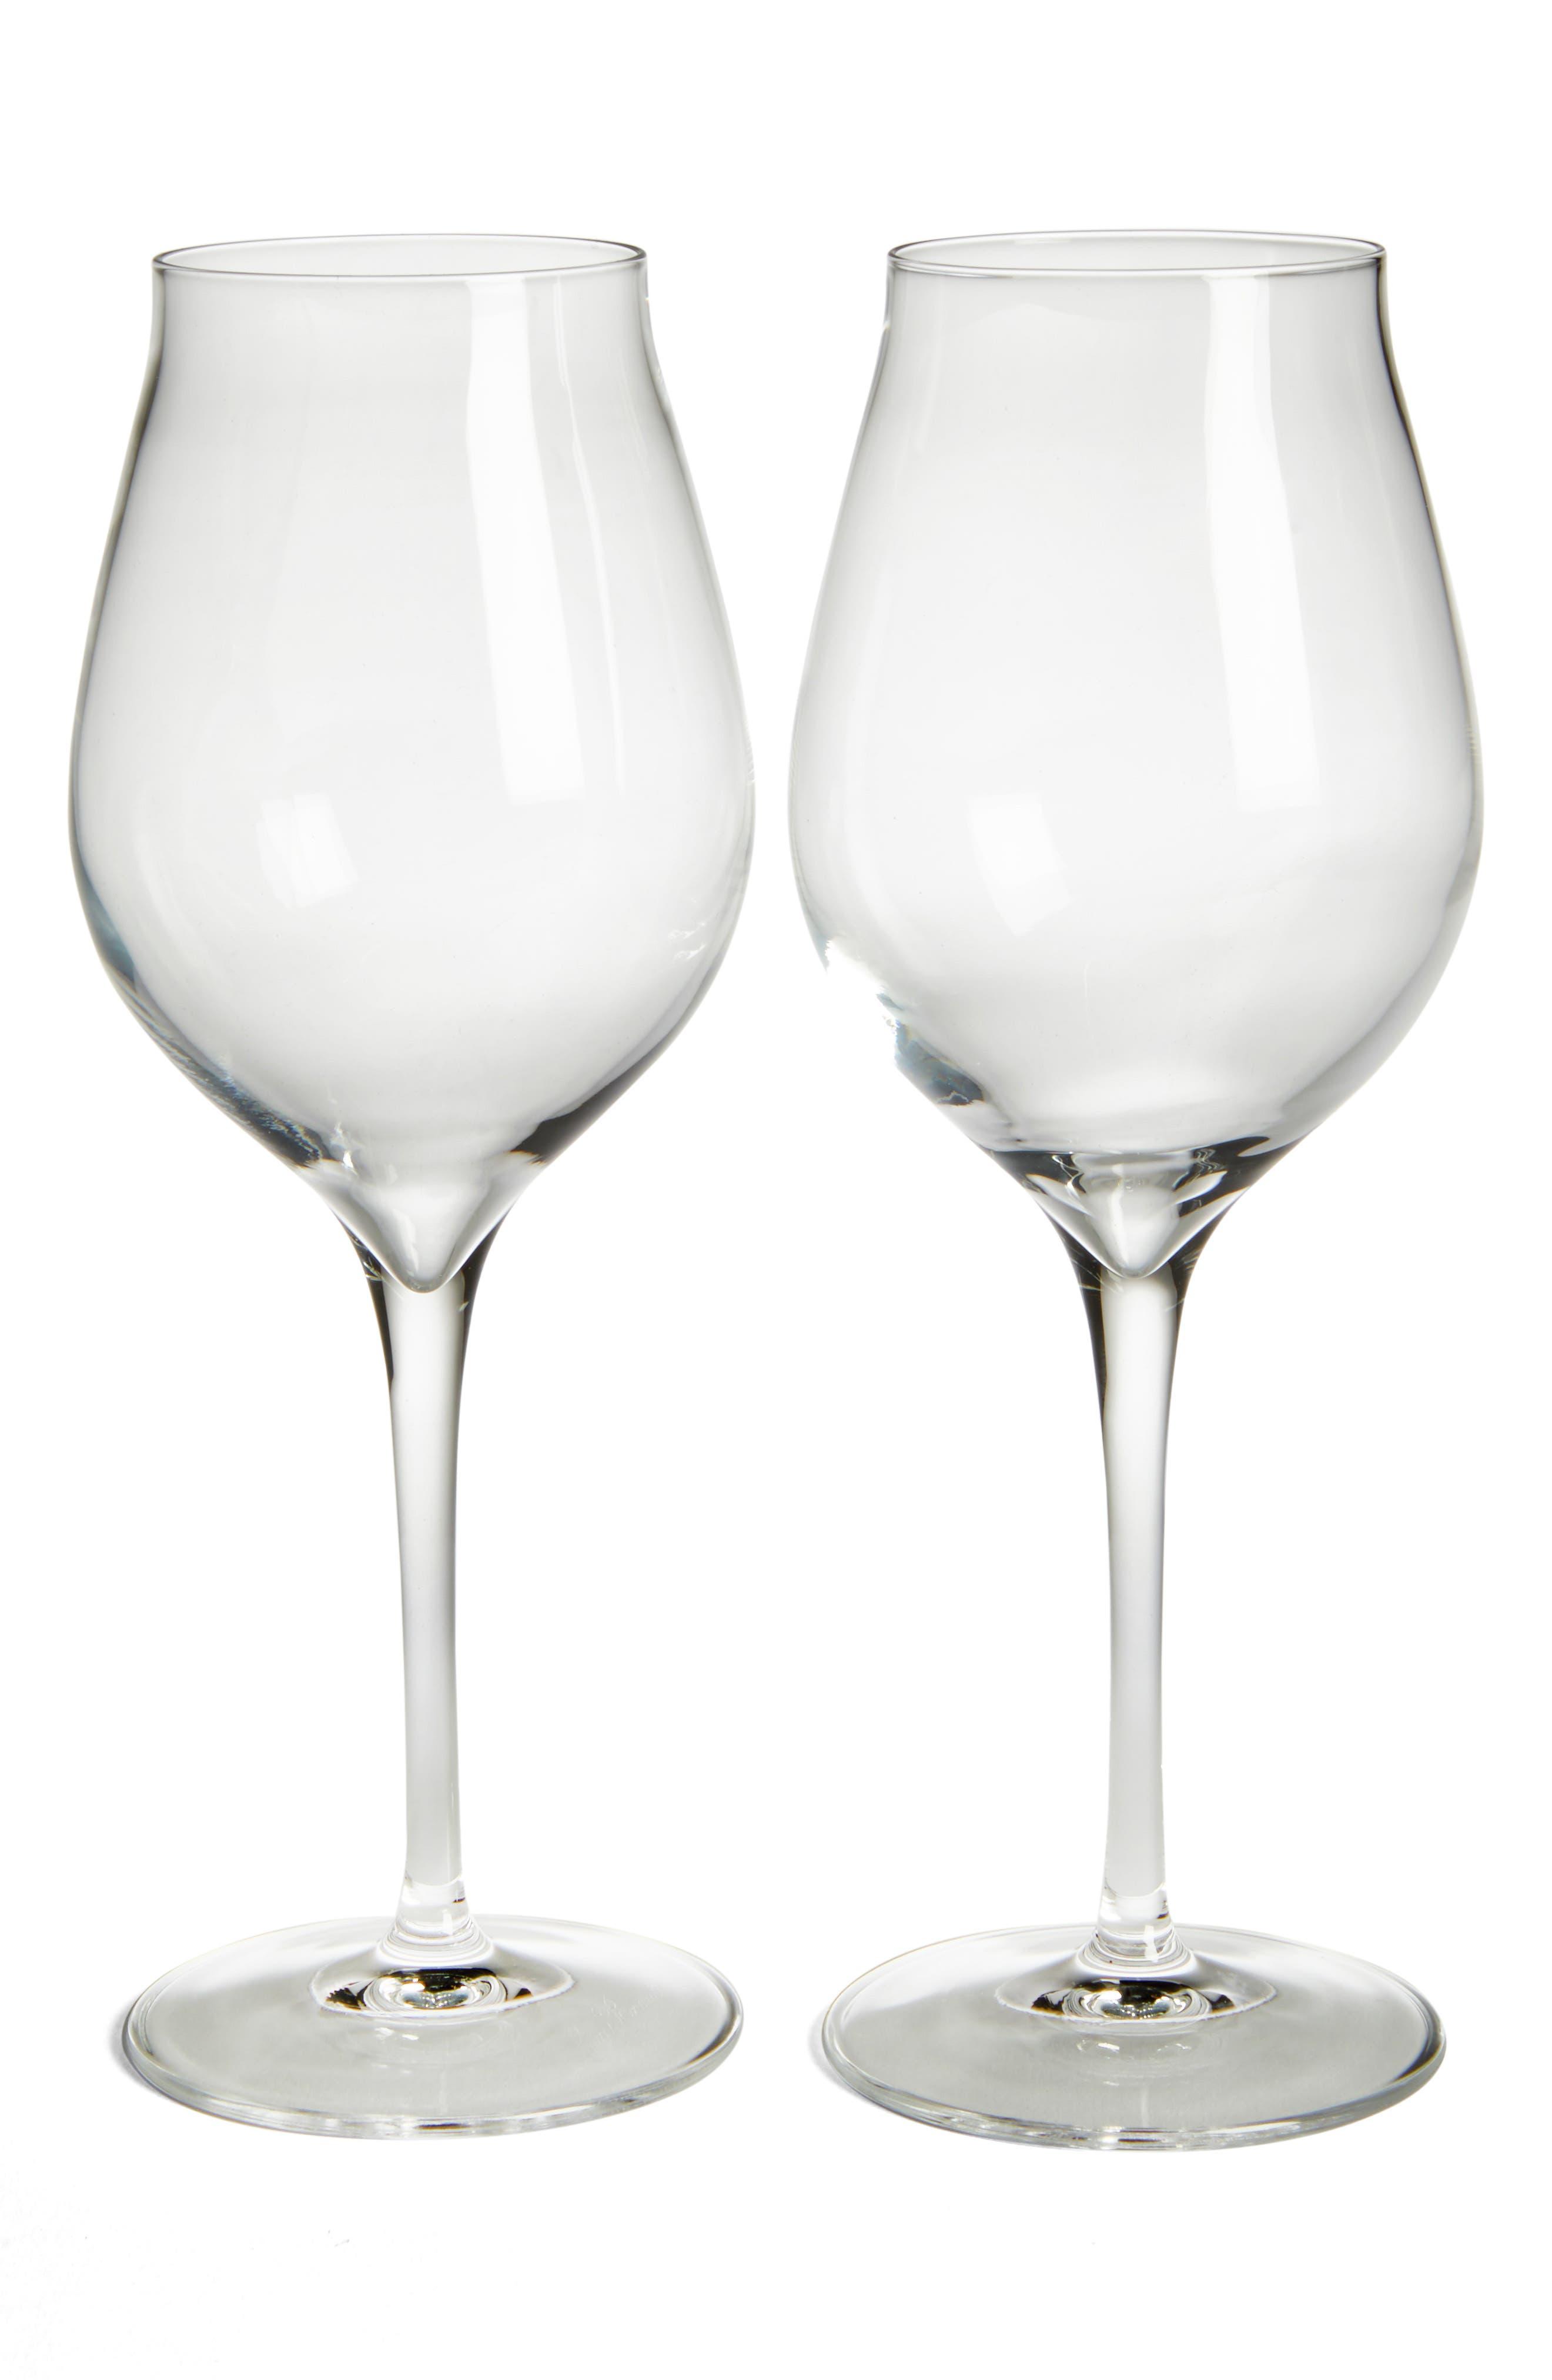 Luigi Bormiolo Vinea Malvasia/Orvieto Set of 2 White Wine Glasses,                         Main,                         color, 100